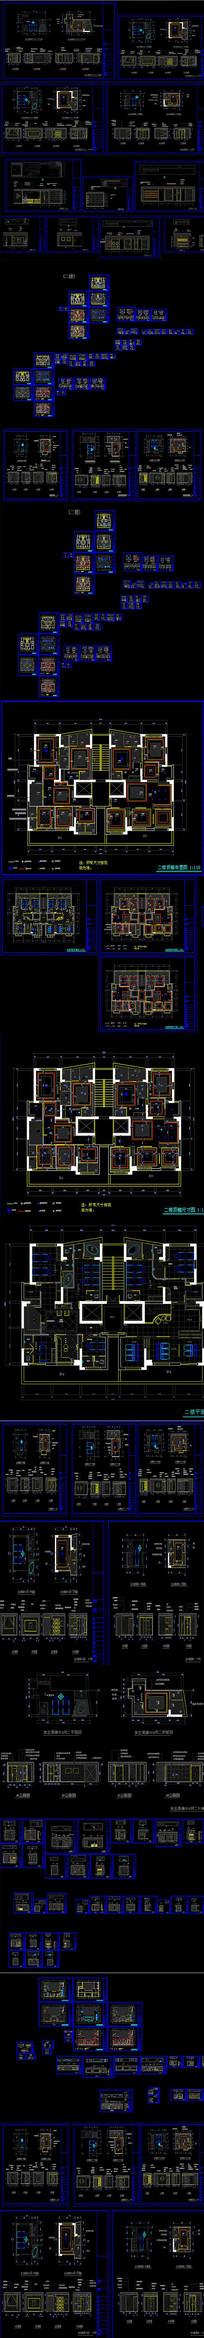 时尚美容院CAD施工图 效果图